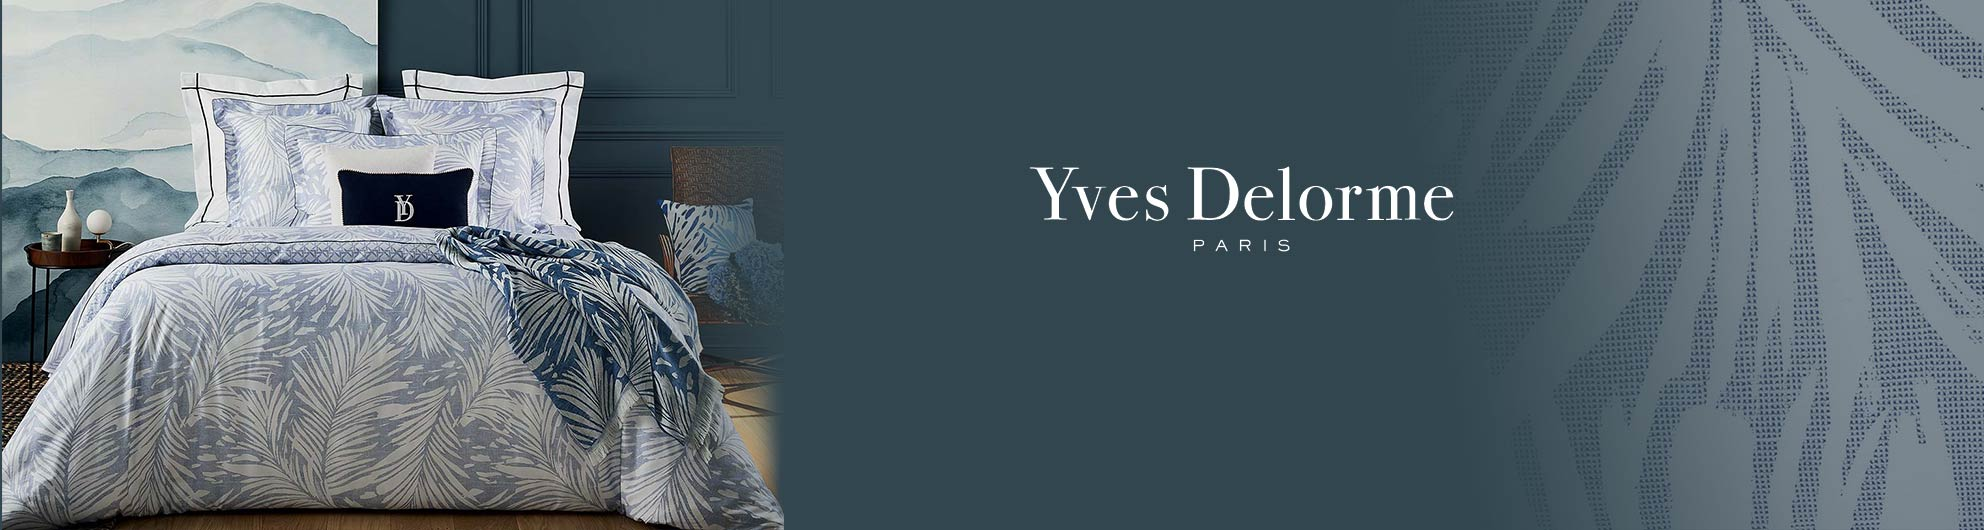 Yves-delorme_slider-02